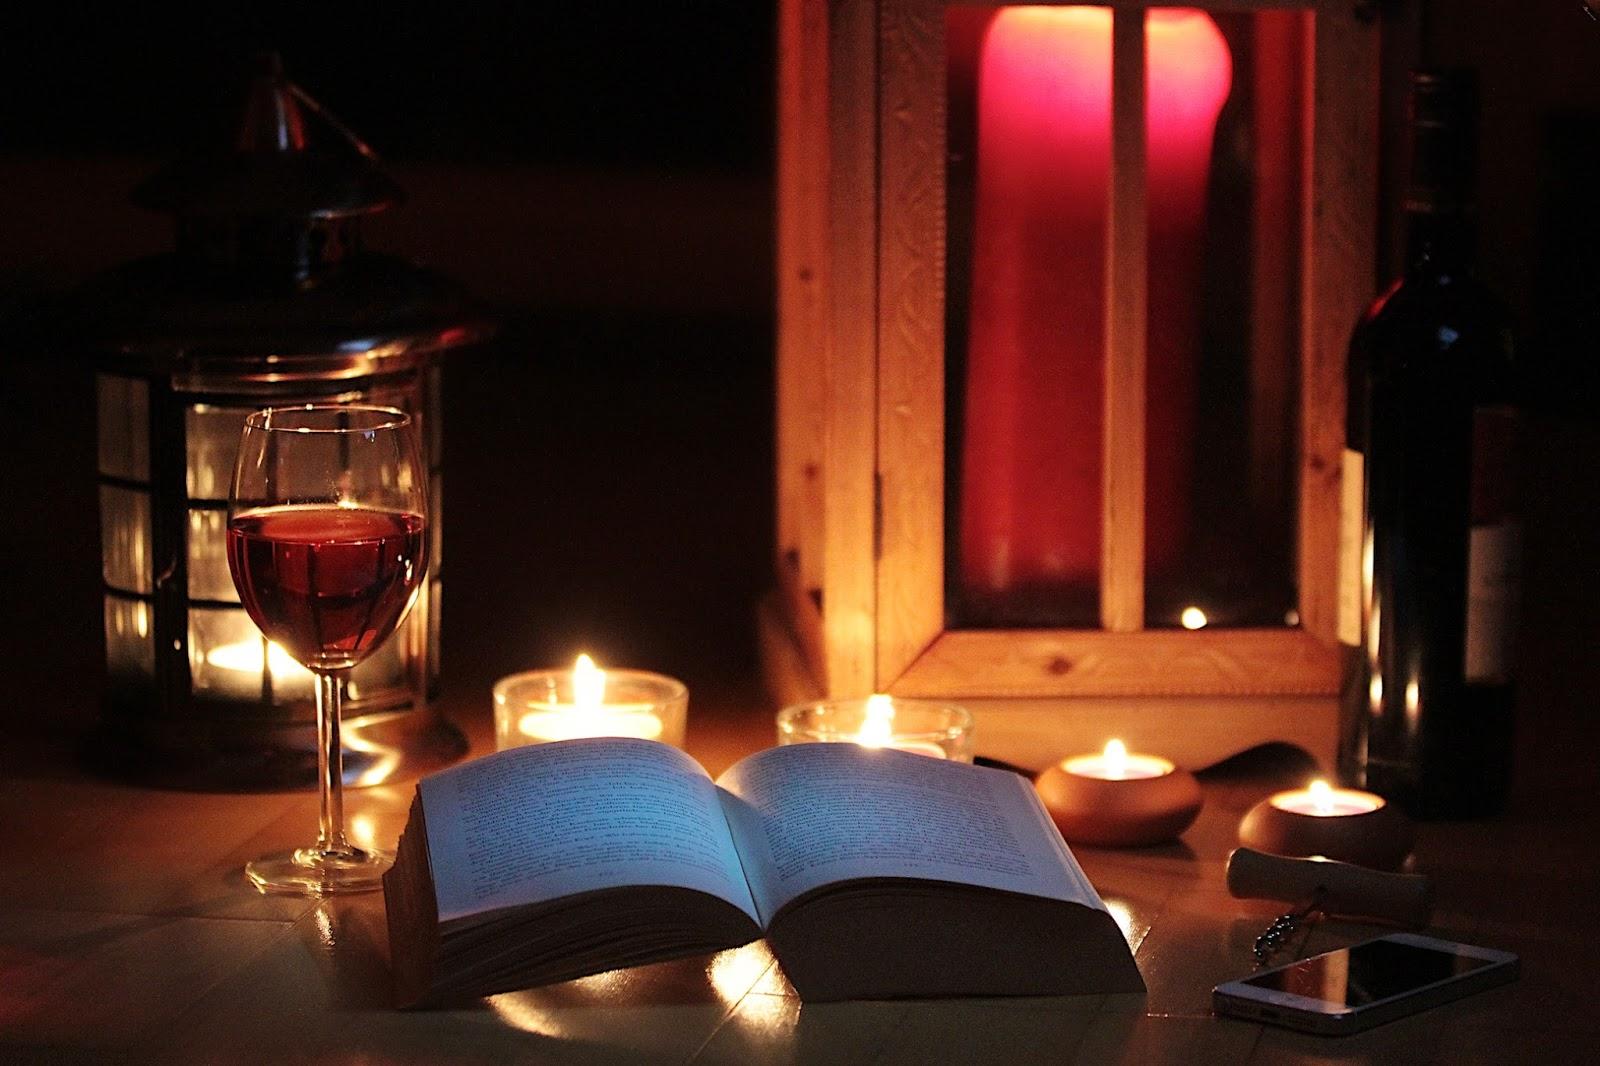 ich w nsche dir und euch einen sch nen und gem tlichen dienstag abend bernau live. Black Bedroom Furniture Sets. Home Design Ideas